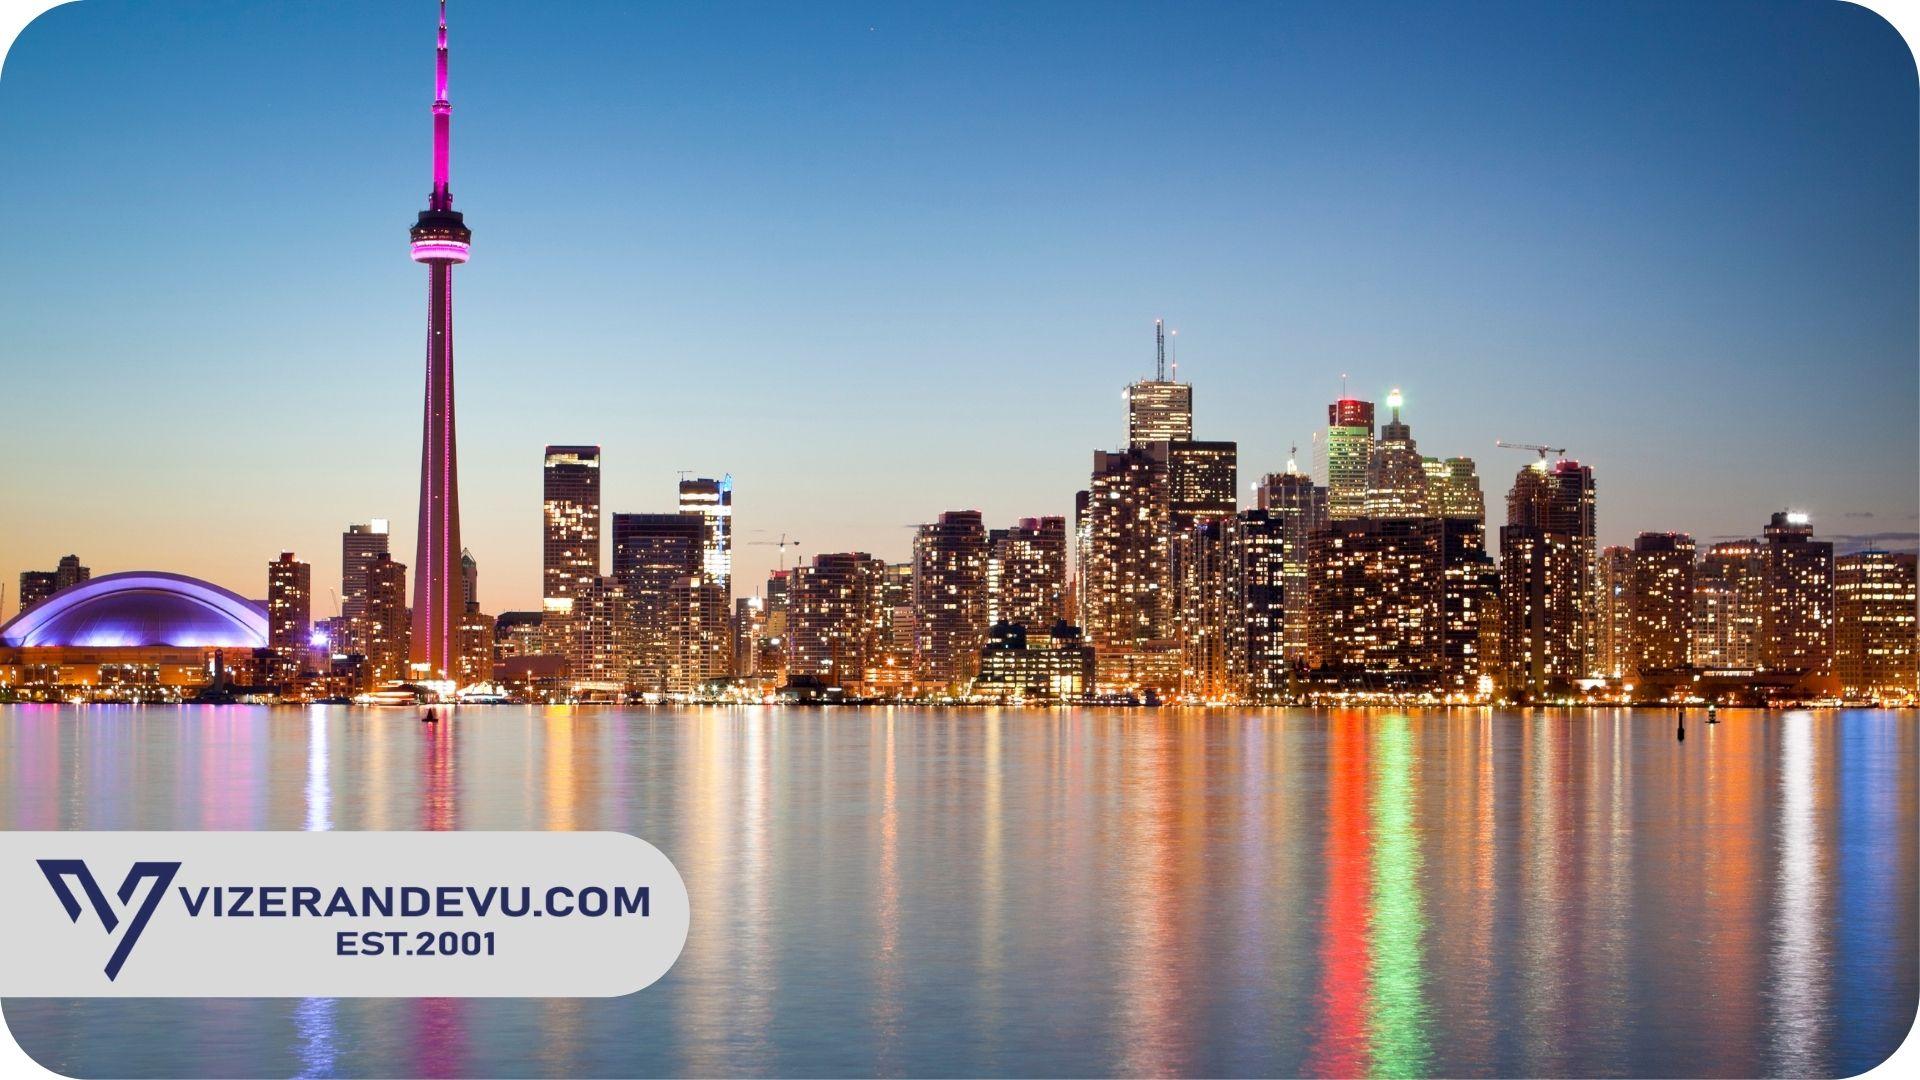 Kanada Turizm ve Ziyaretler İçin Ziyaretçi Vizesi